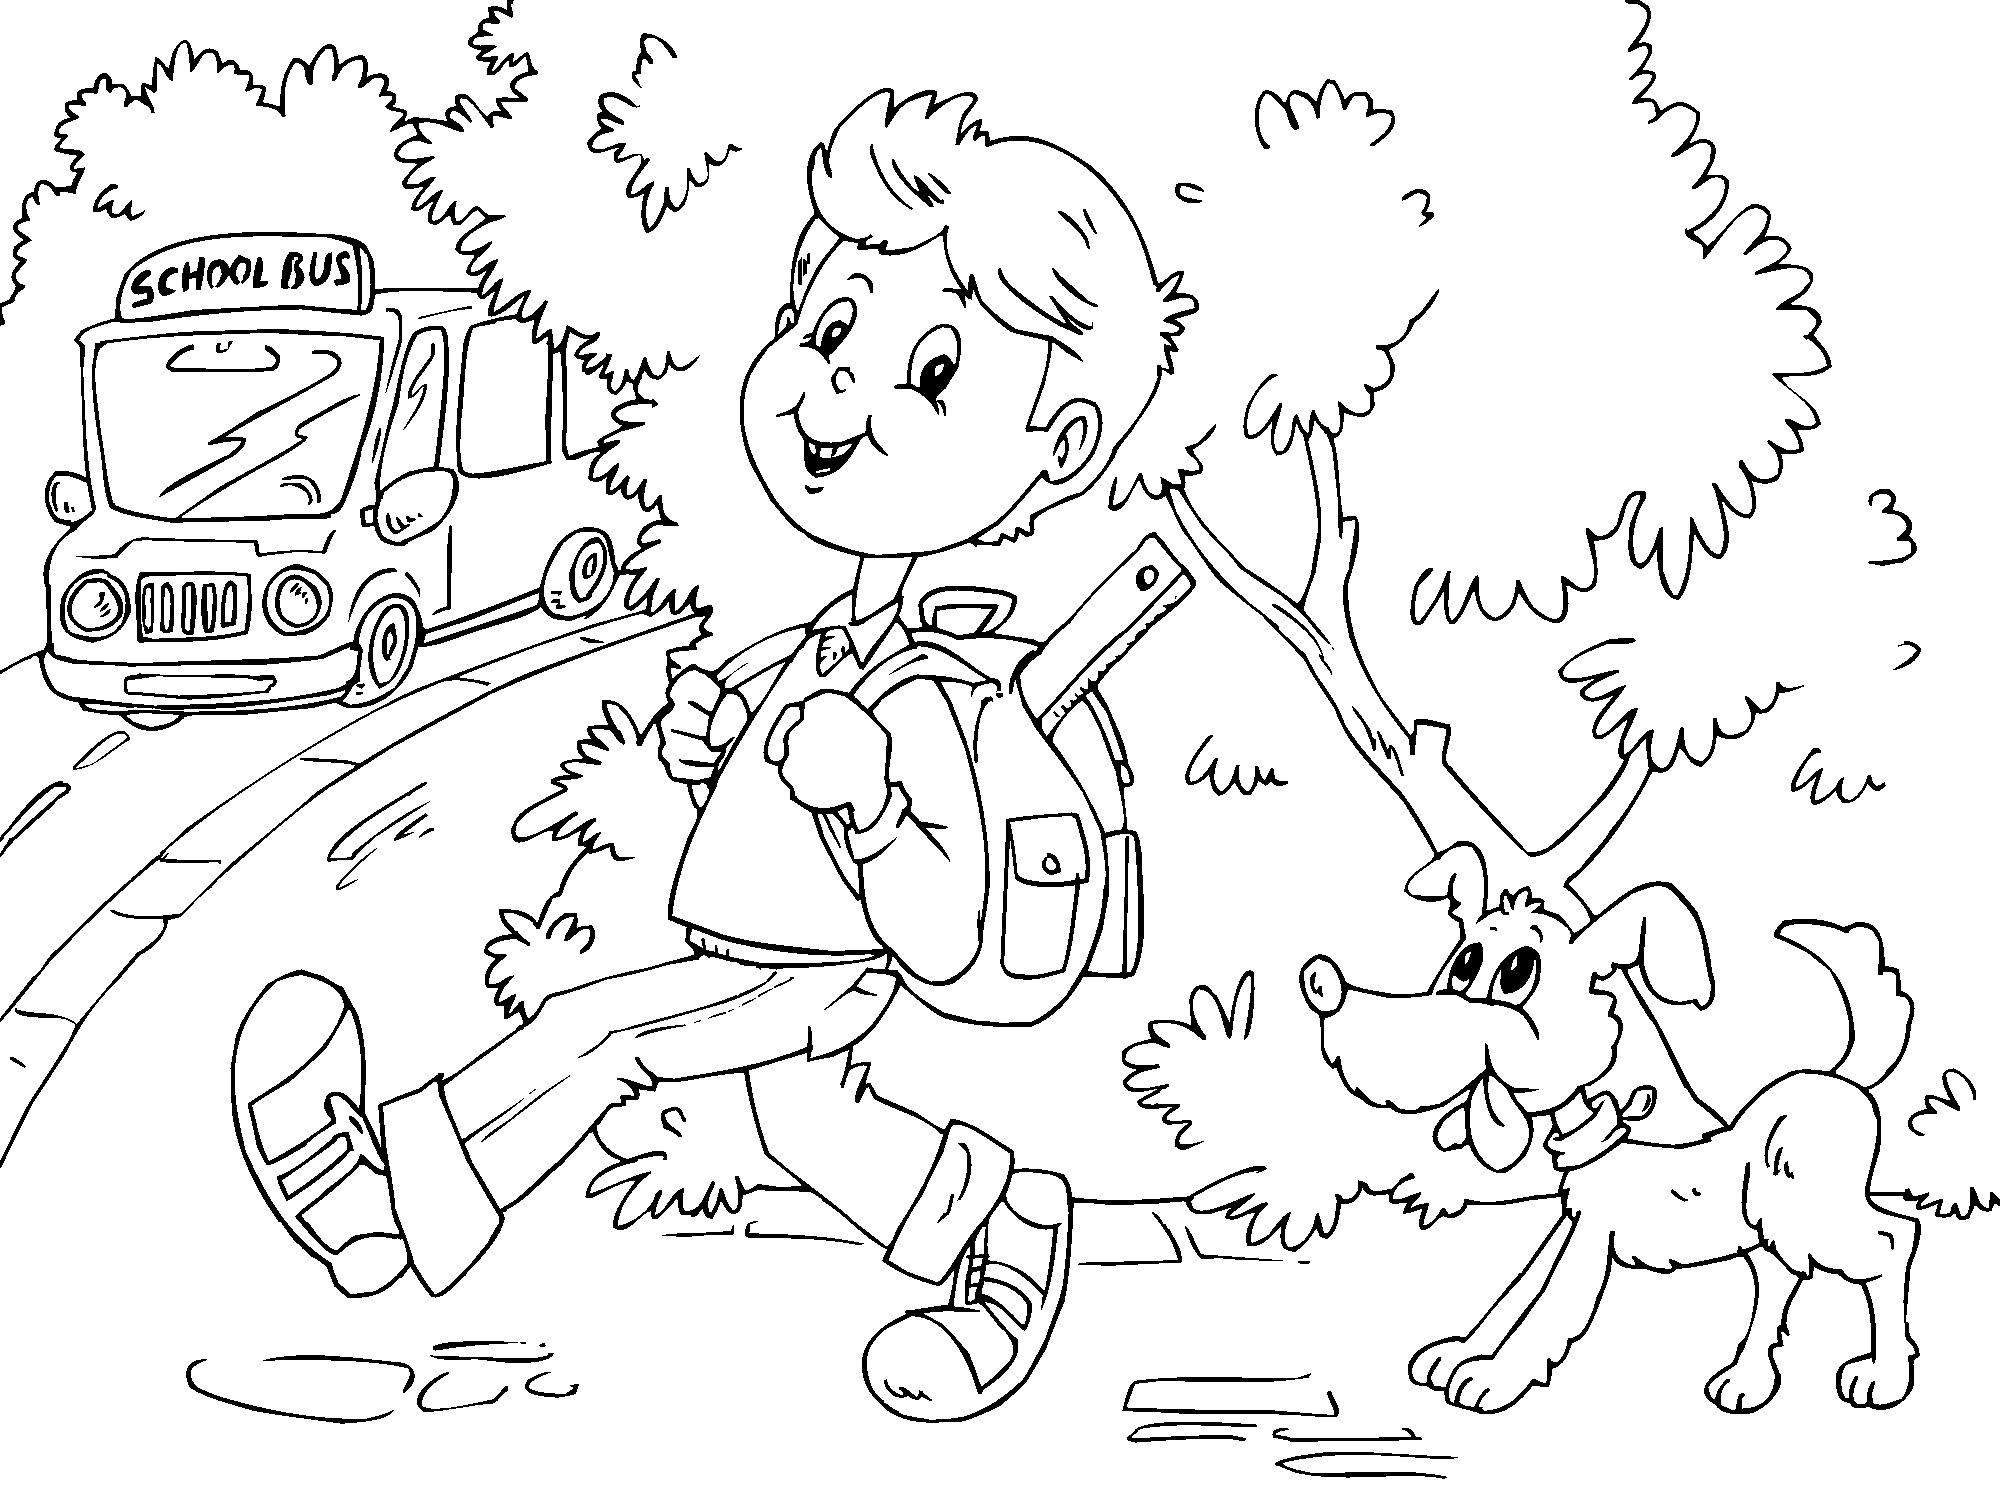 Dibujo para colorear ir al colegio en autobús - Img 22691